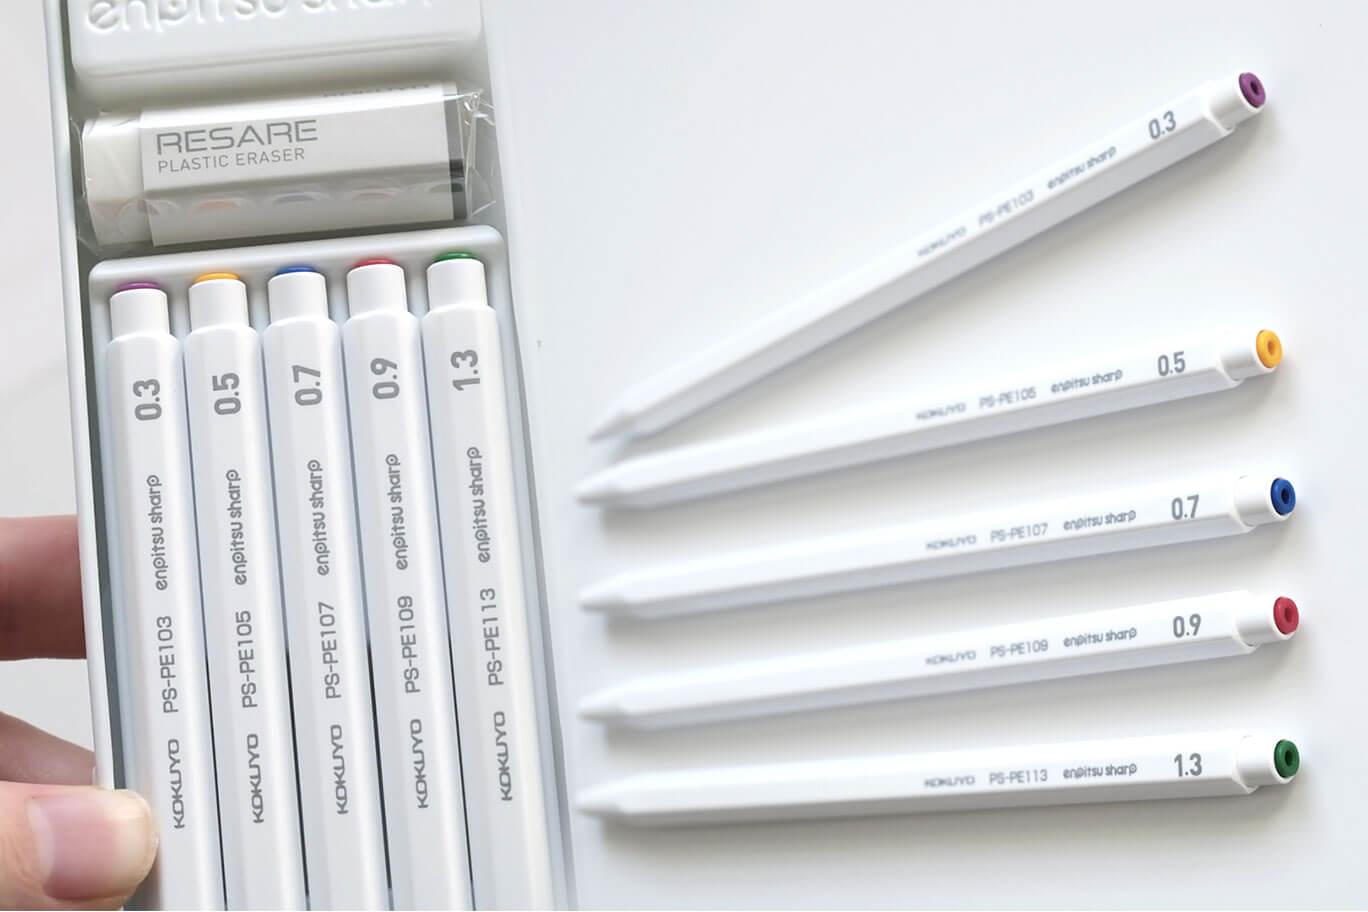 コクヨの鉛筆シャープが鉛筆みたいでかわいい!太さによって先の色が違うのがポイント【レビュー】